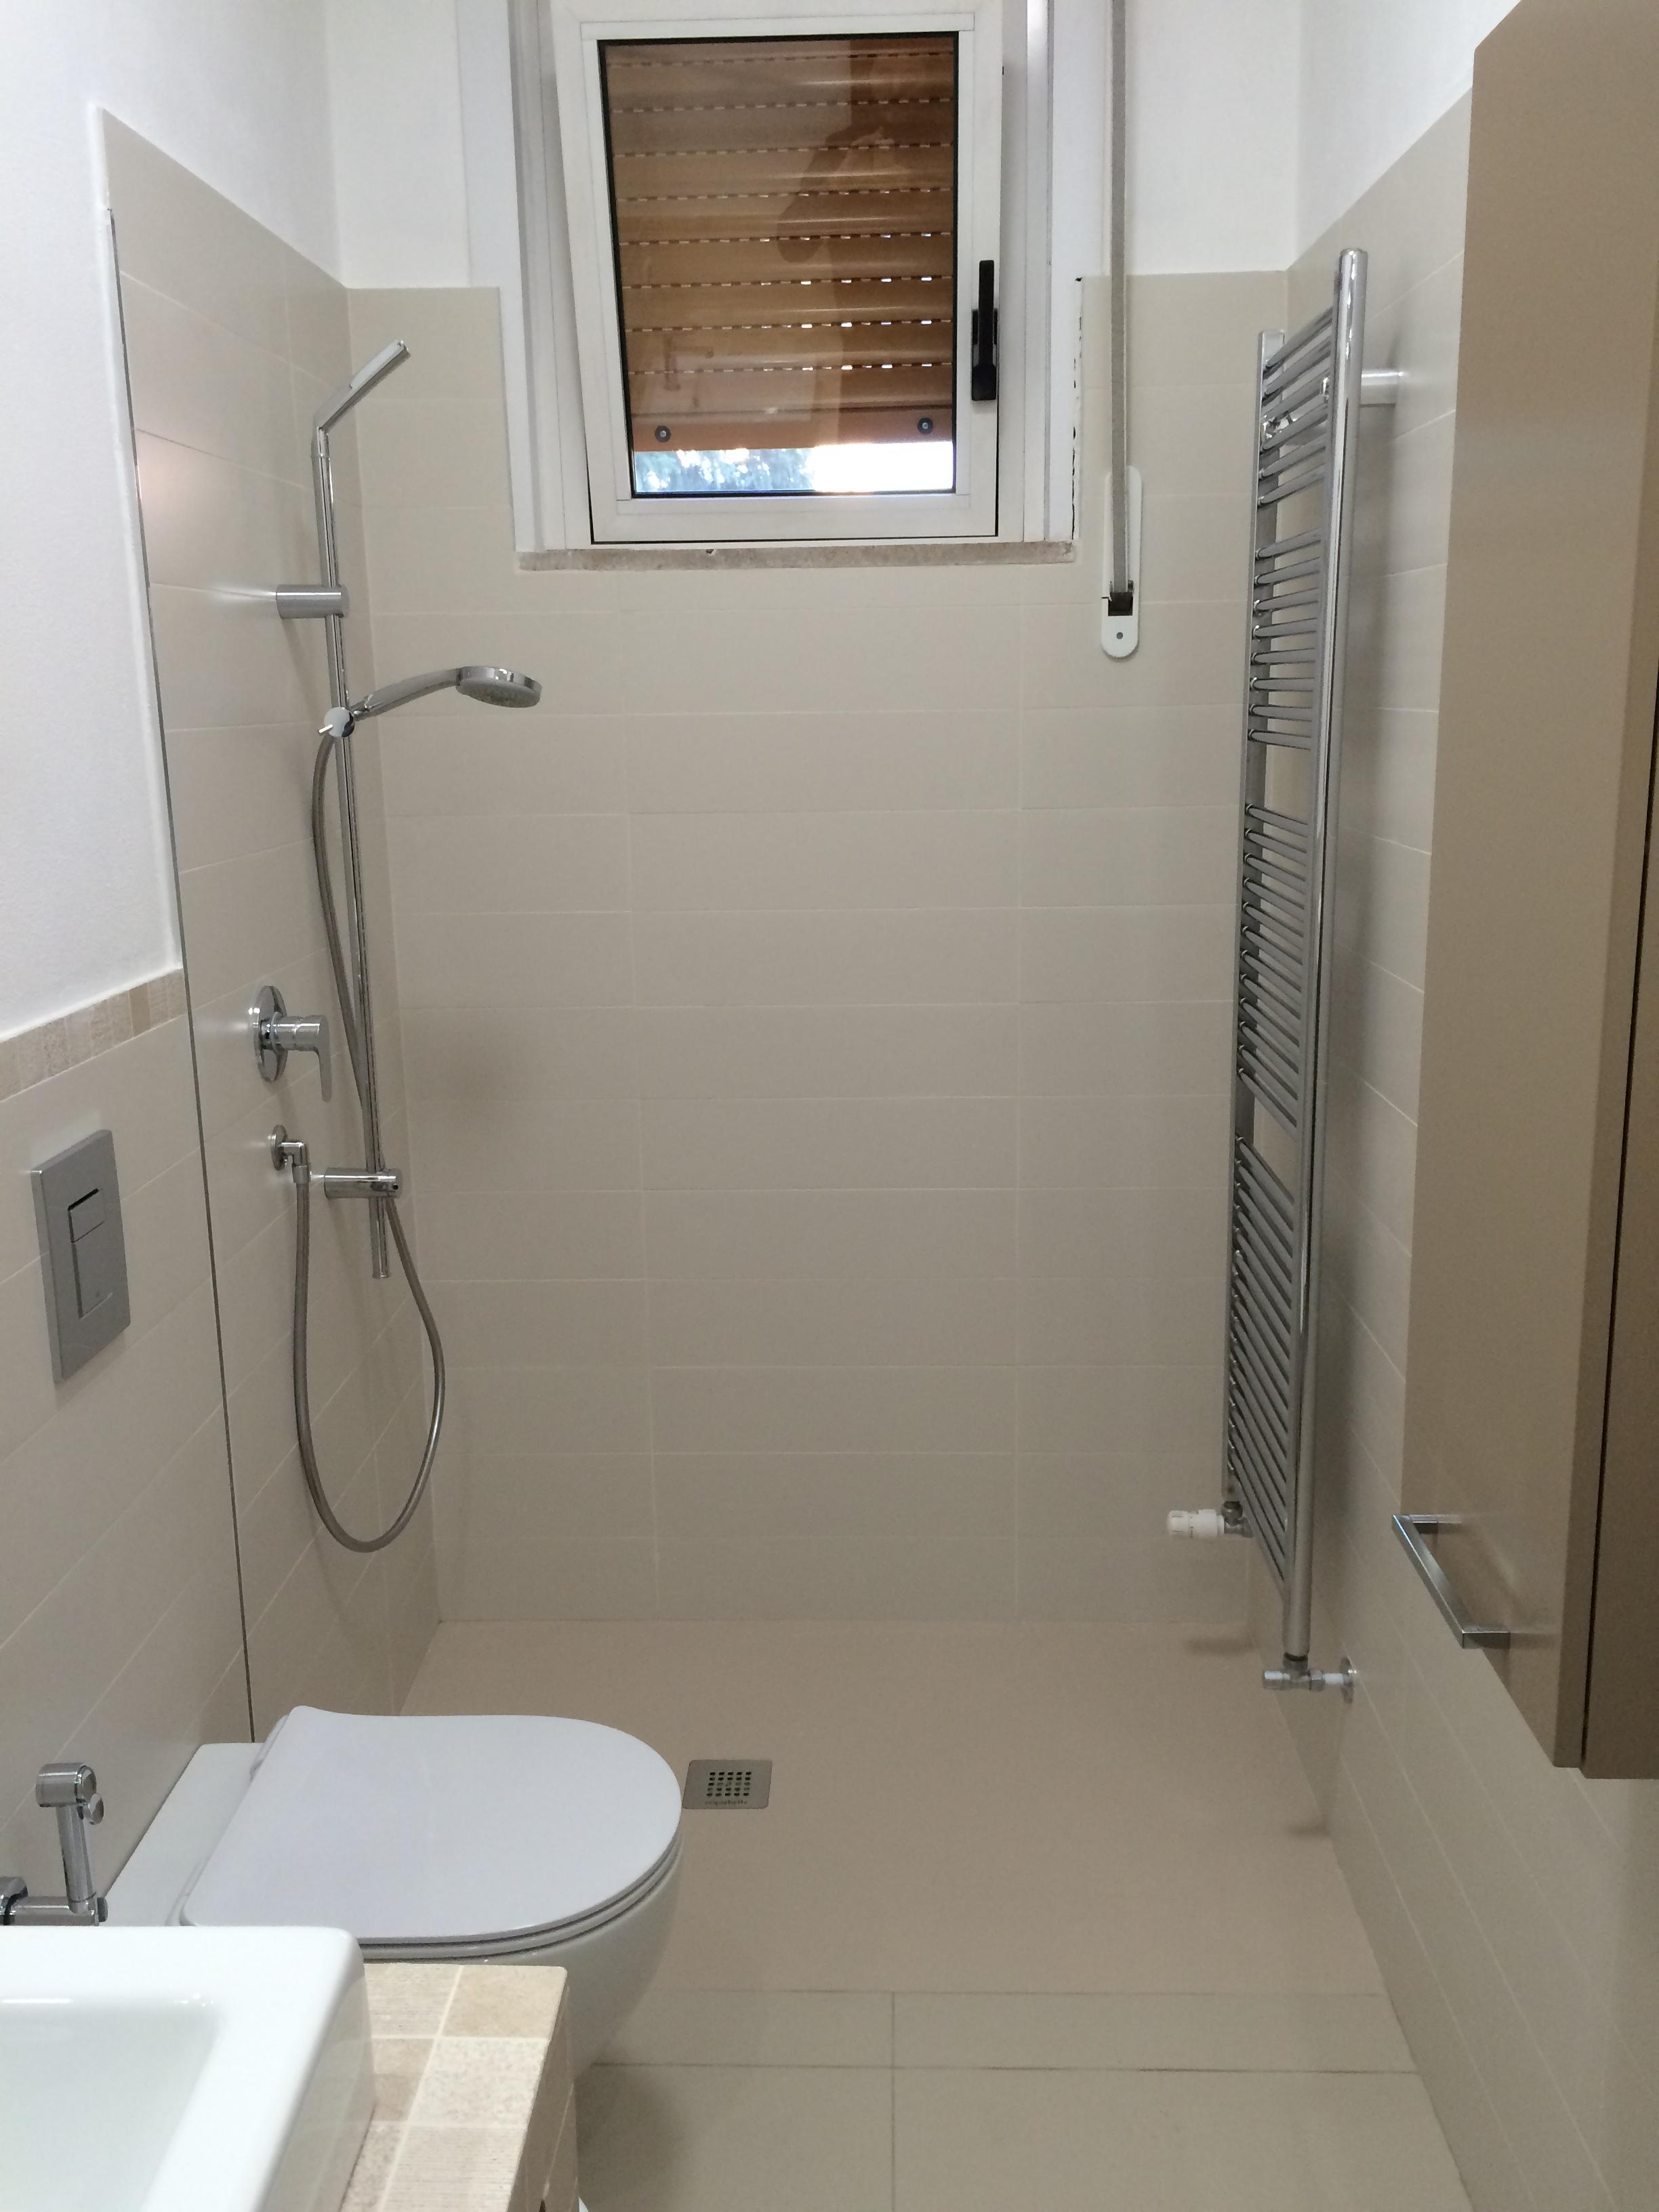 Materialab bagno e mobile rivestito - Doccia a pavimento mosaico ...